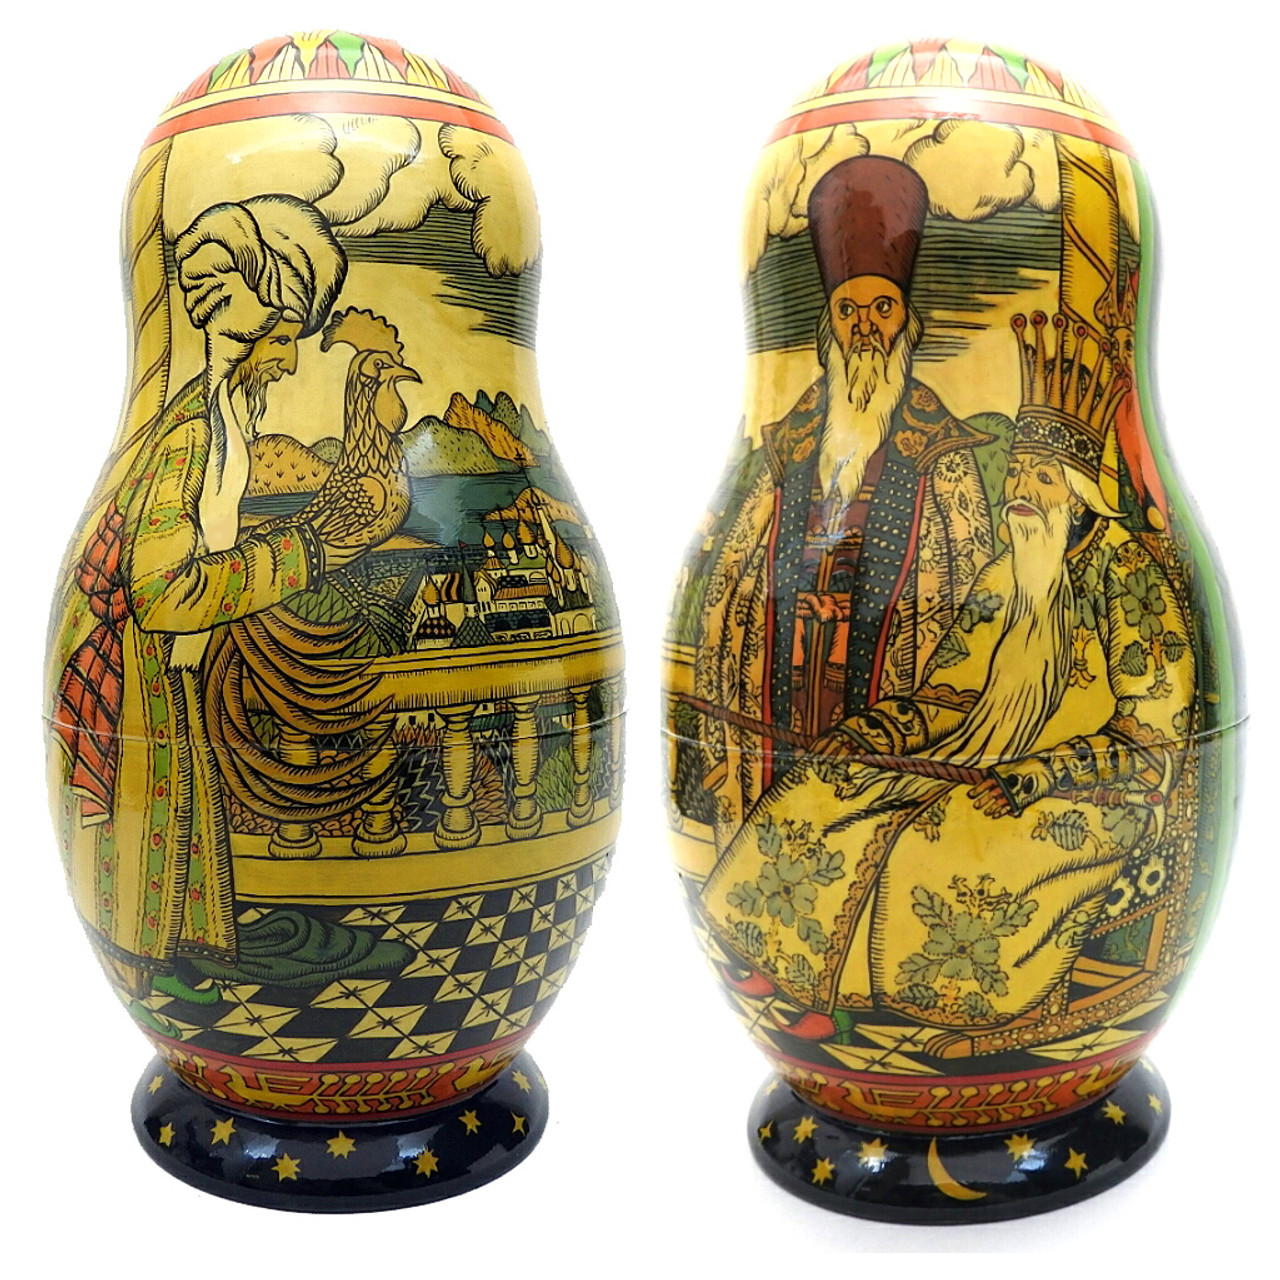 Bilibin Fairy Tales Illustrations Artistic Matryoshka 1st Doll Two Views